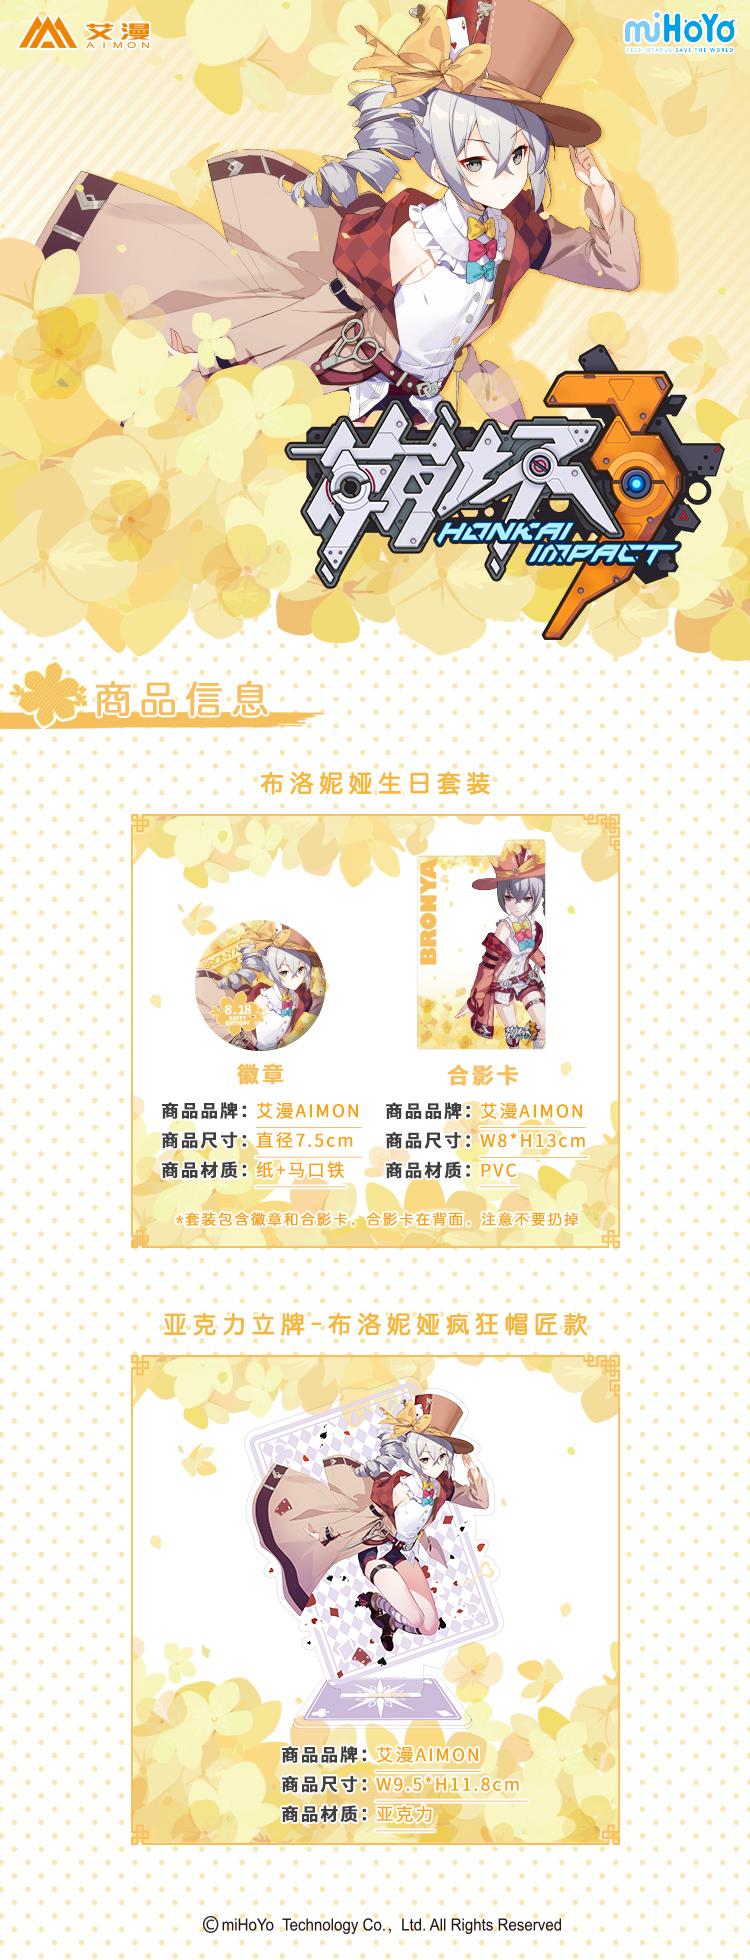 1566886943060崩坏3-布洛妮娅生日系列商品-条图.jpg